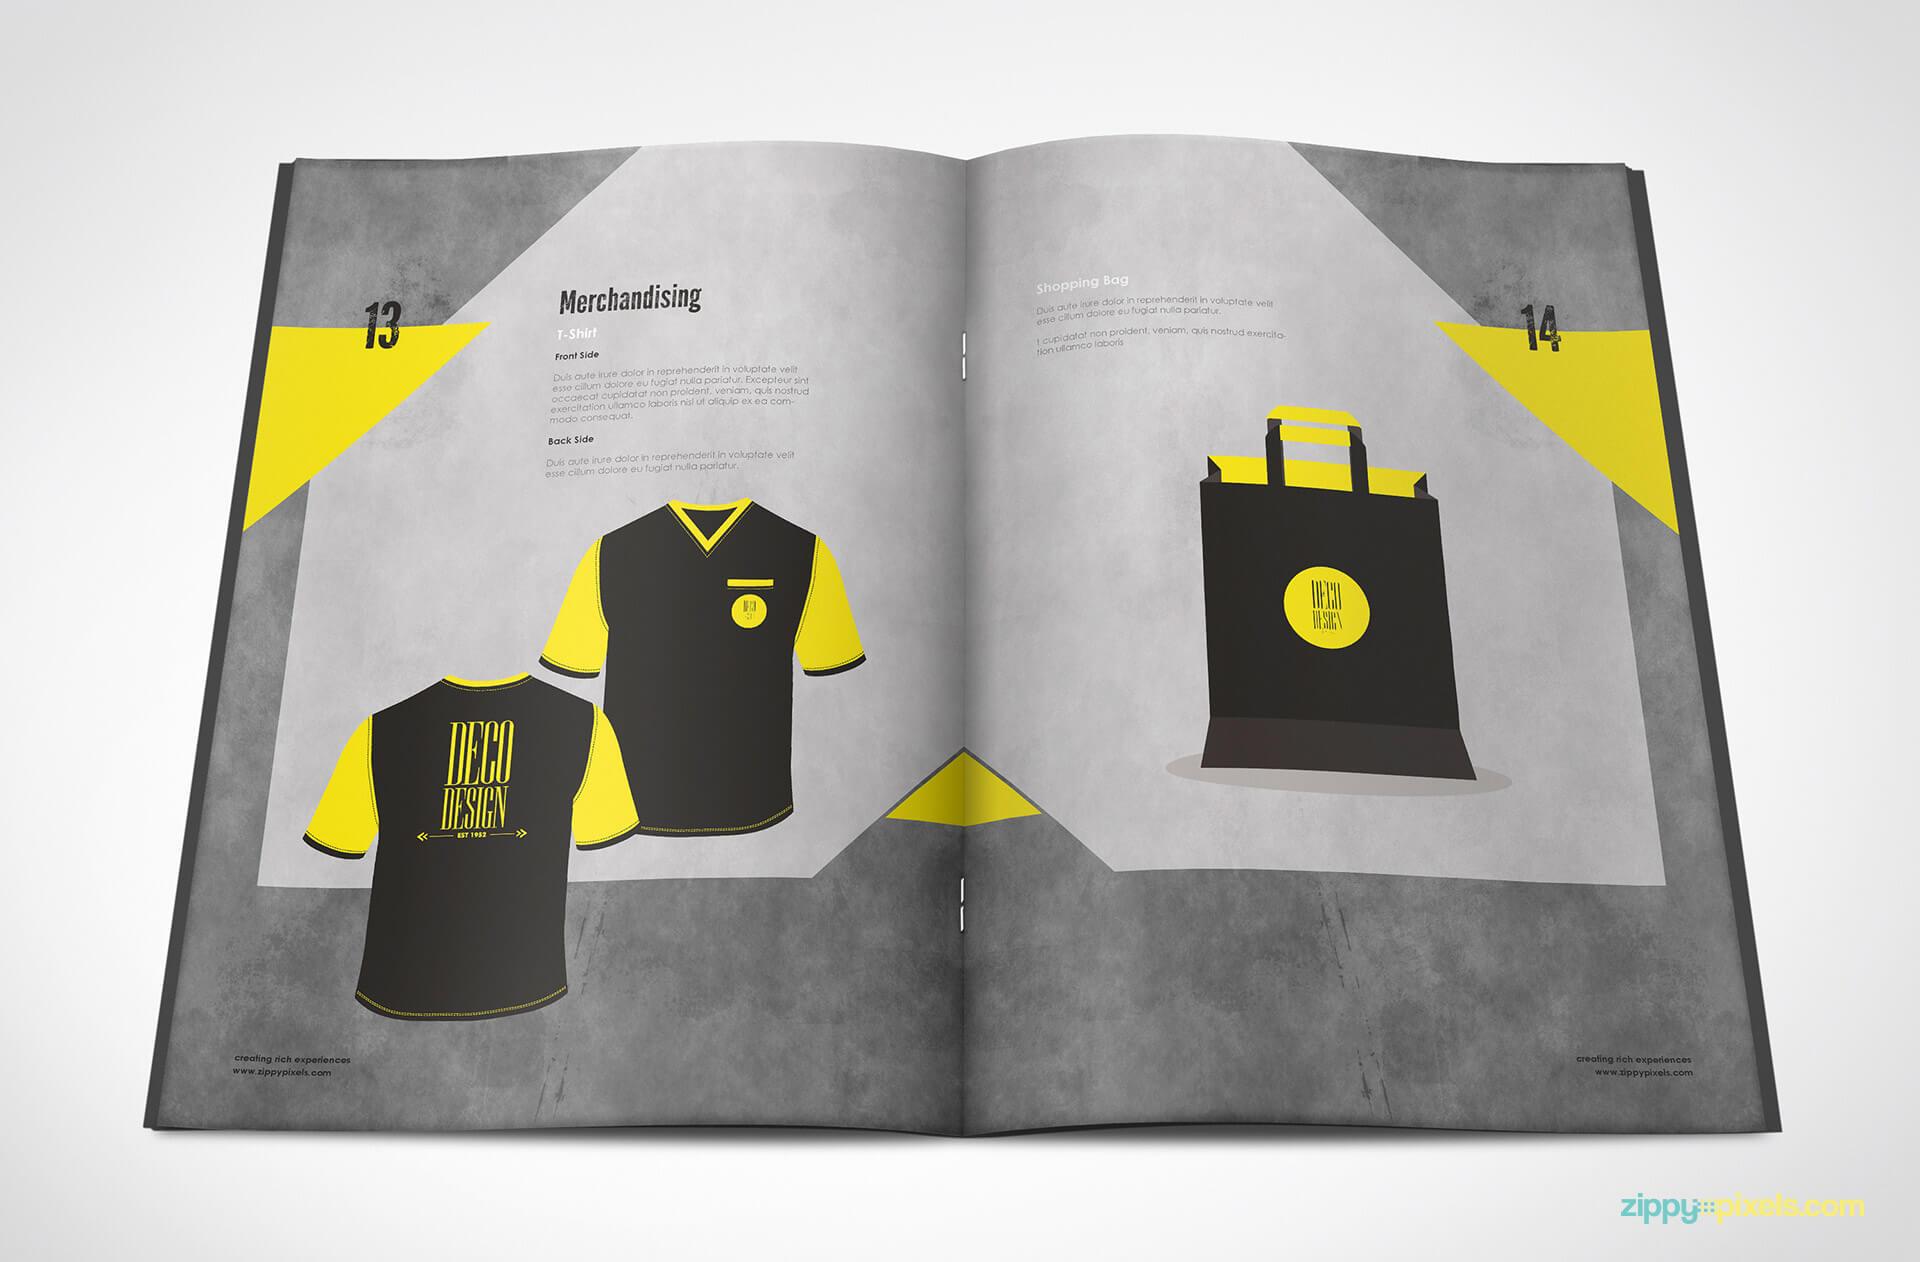 11-brand-book-7-merchandising